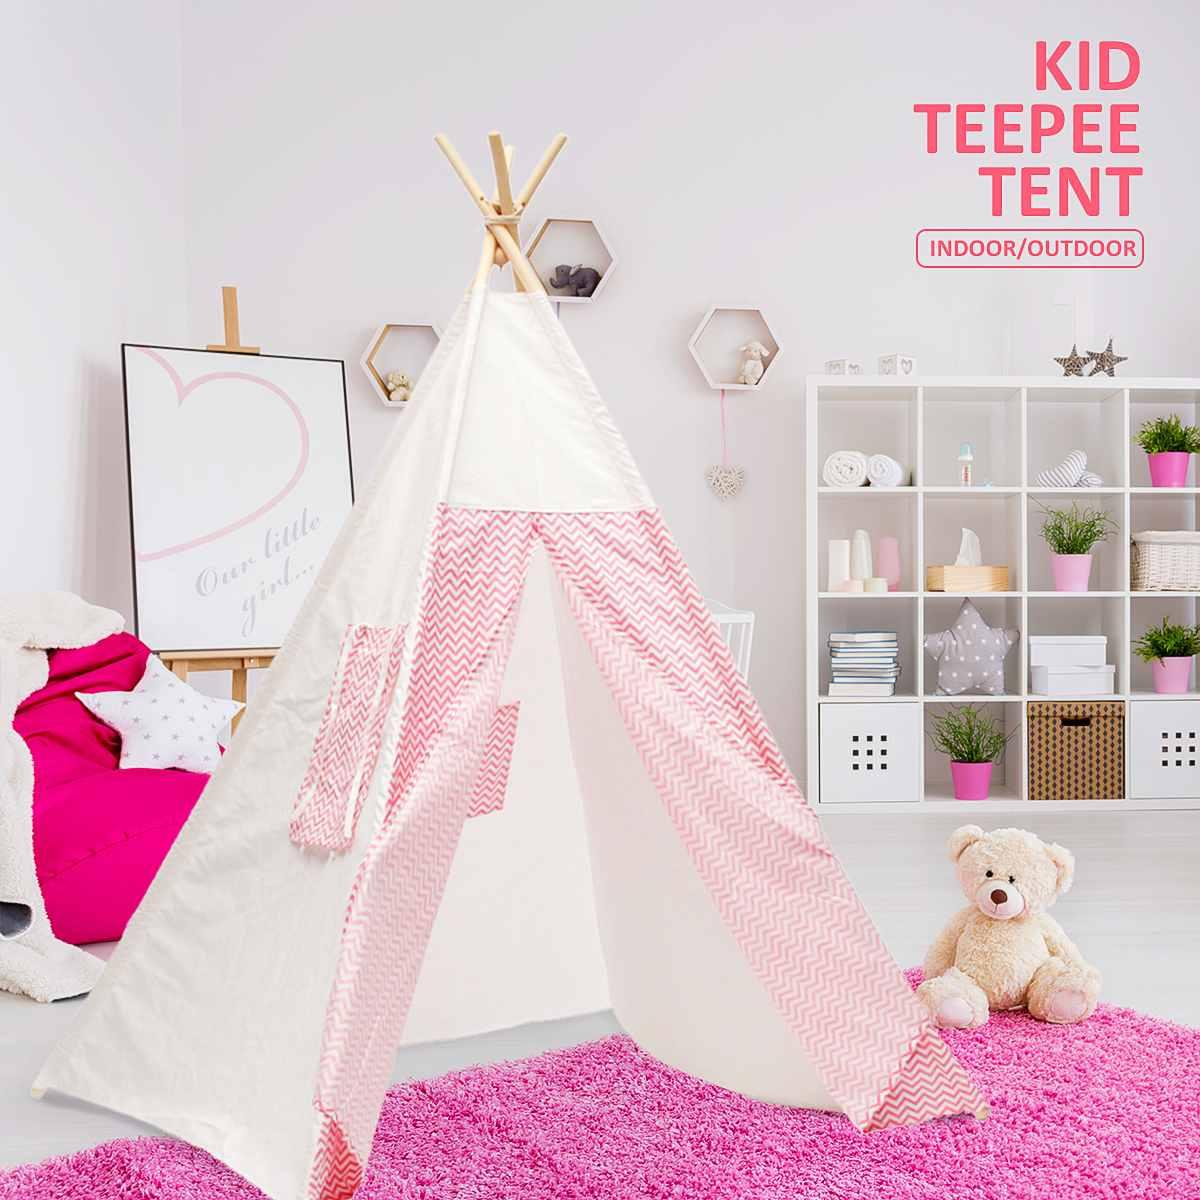 Tente pour enfants tente tipi princesse château pour chambre d'enfants anniversaire cadeau de noël Playhouse pour extérieur intérieur